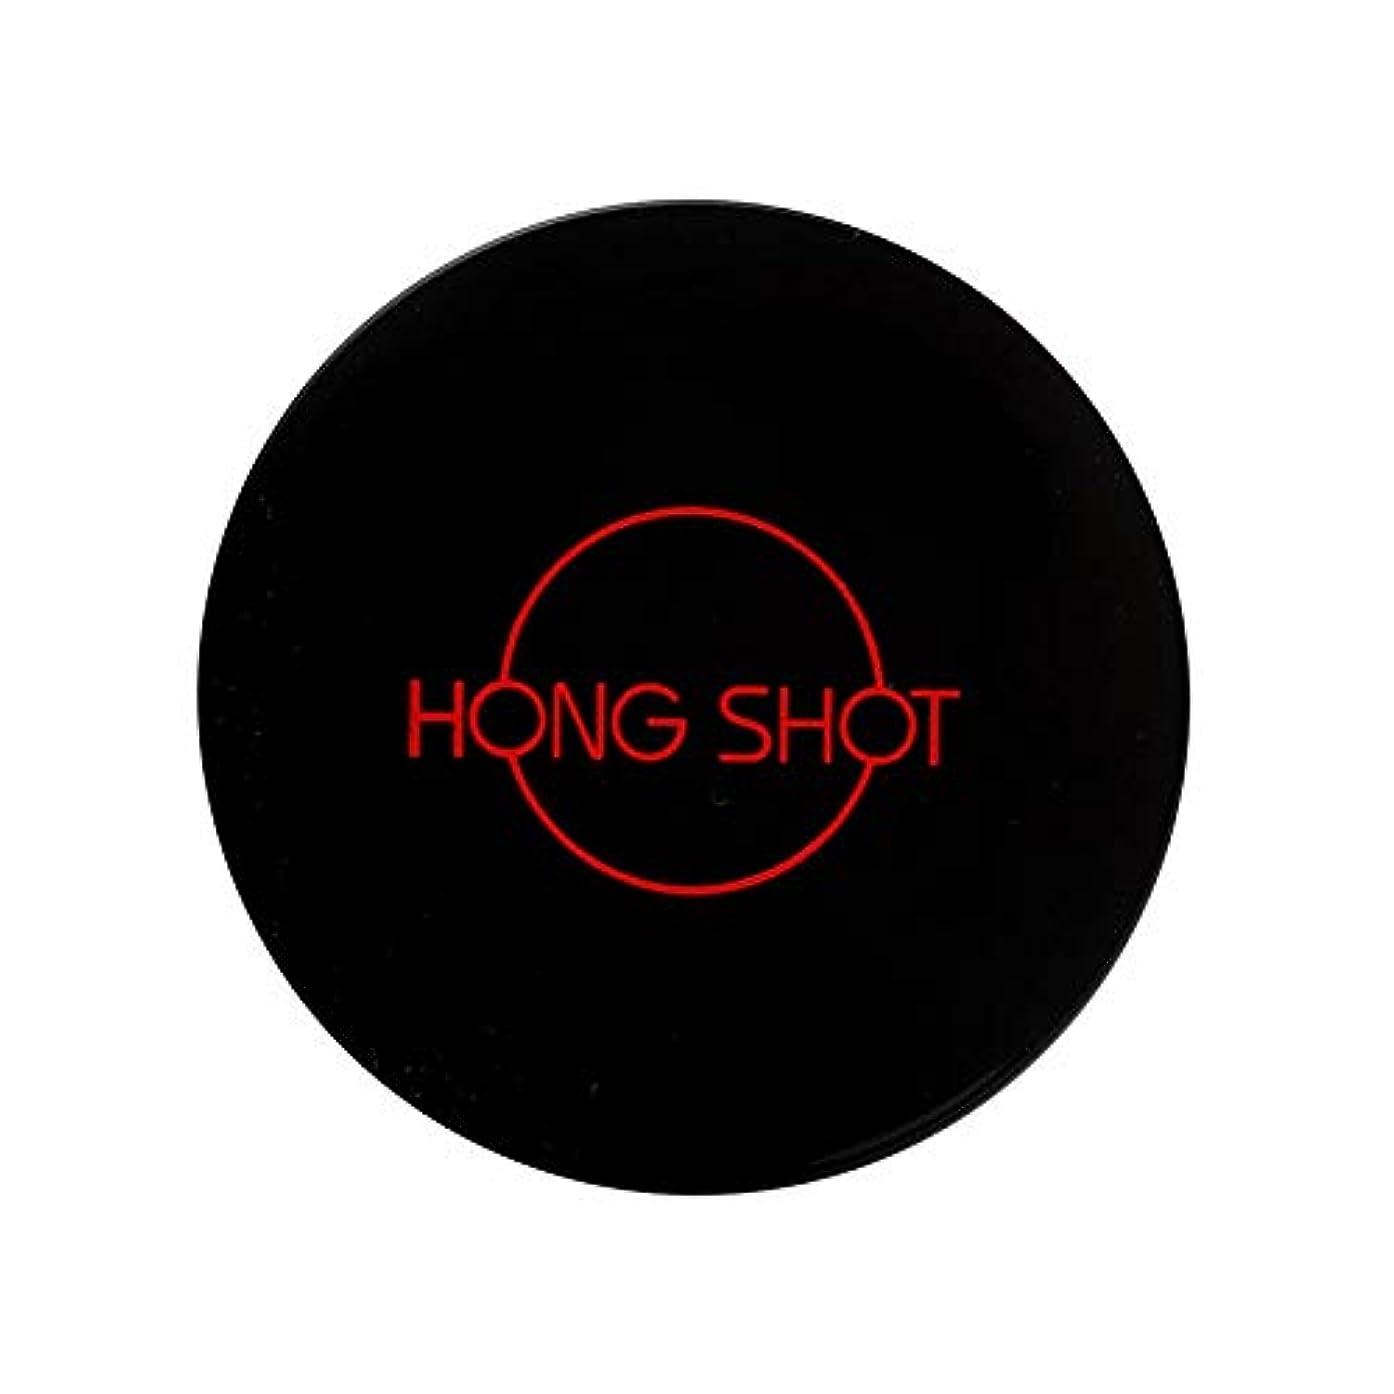 検査官会員収穫[HONG SHOT] ホンシャトパワーラスティングコンシルファクト 16g / HONGSHOT POWER LASTING CONCEAL PACT 16g / Hongjinyoung PACT [並行輸入品] (...